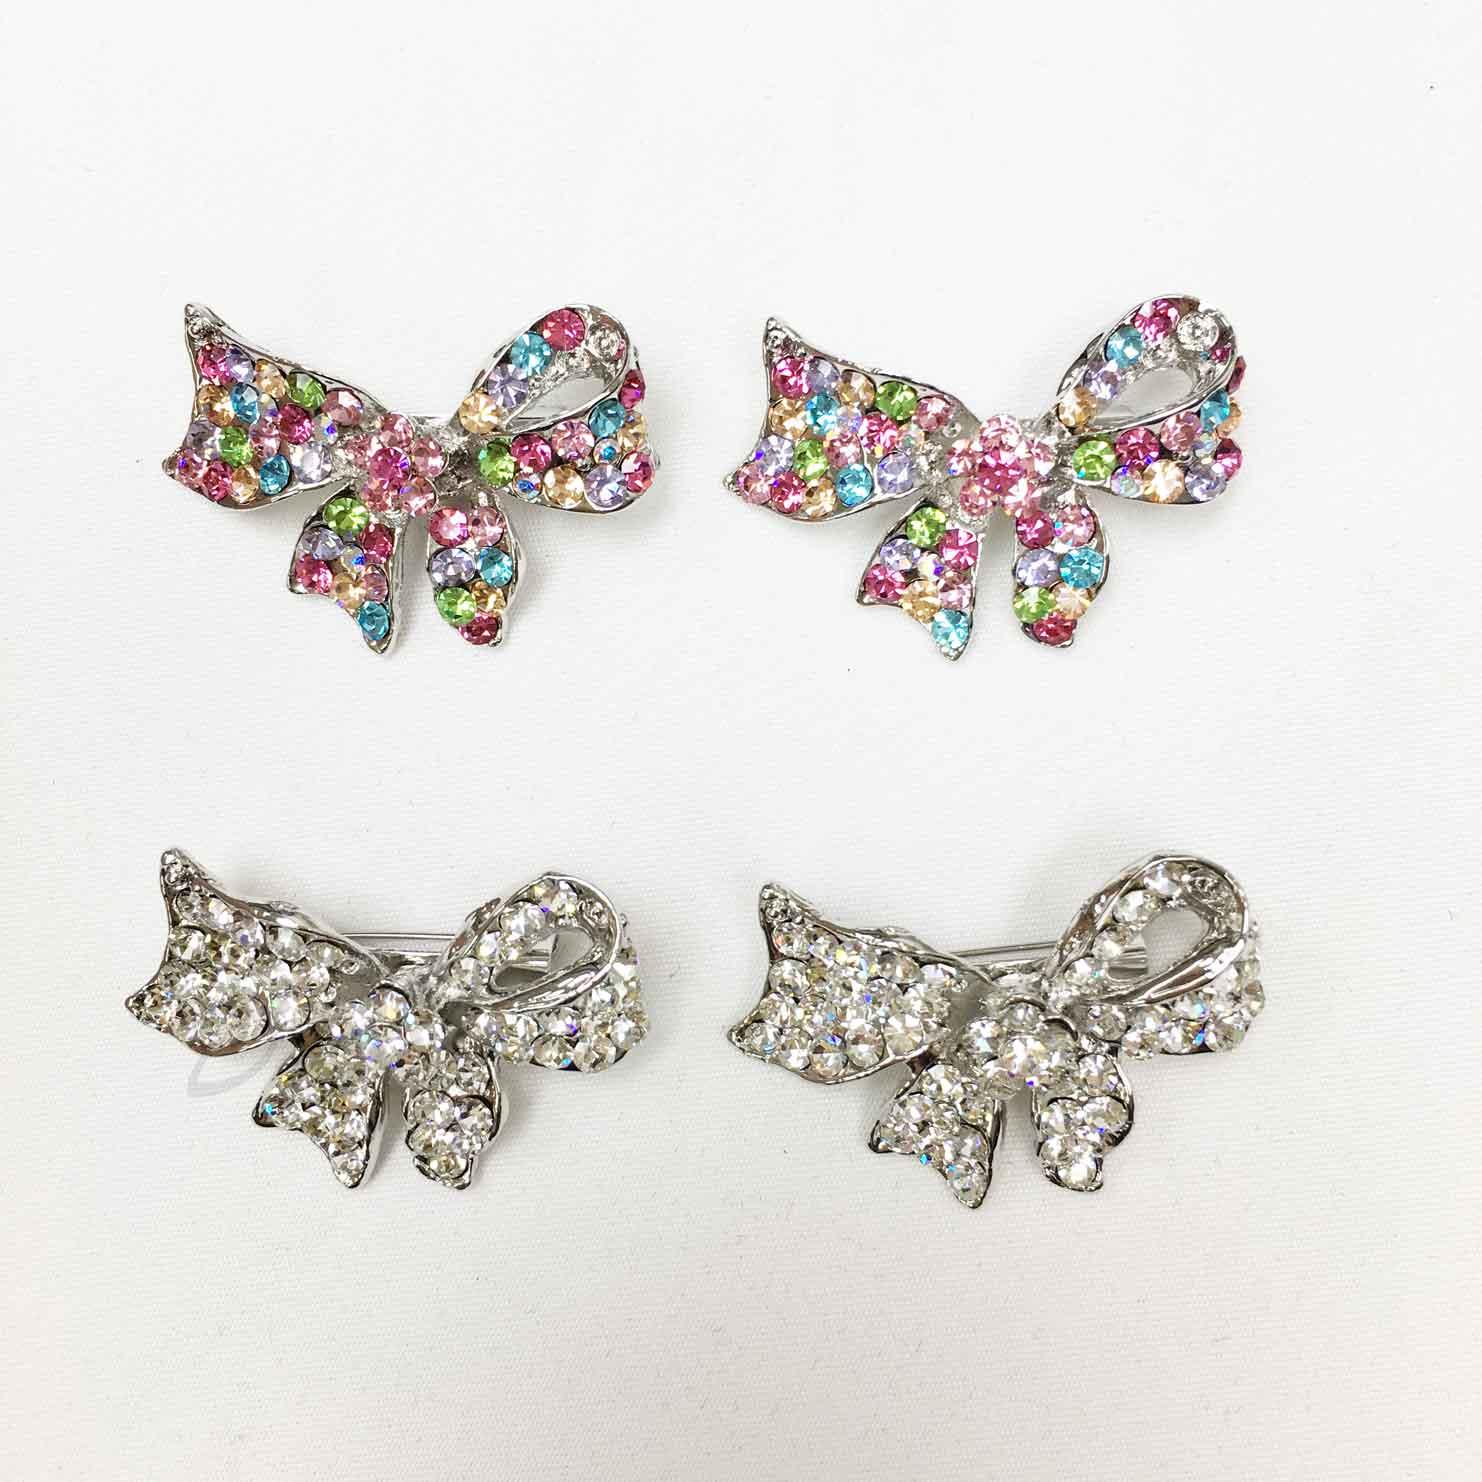 彩色水鑽 白鑽 緞帶 不對稱 蝴蝶結 兩色 二入一組 胸針